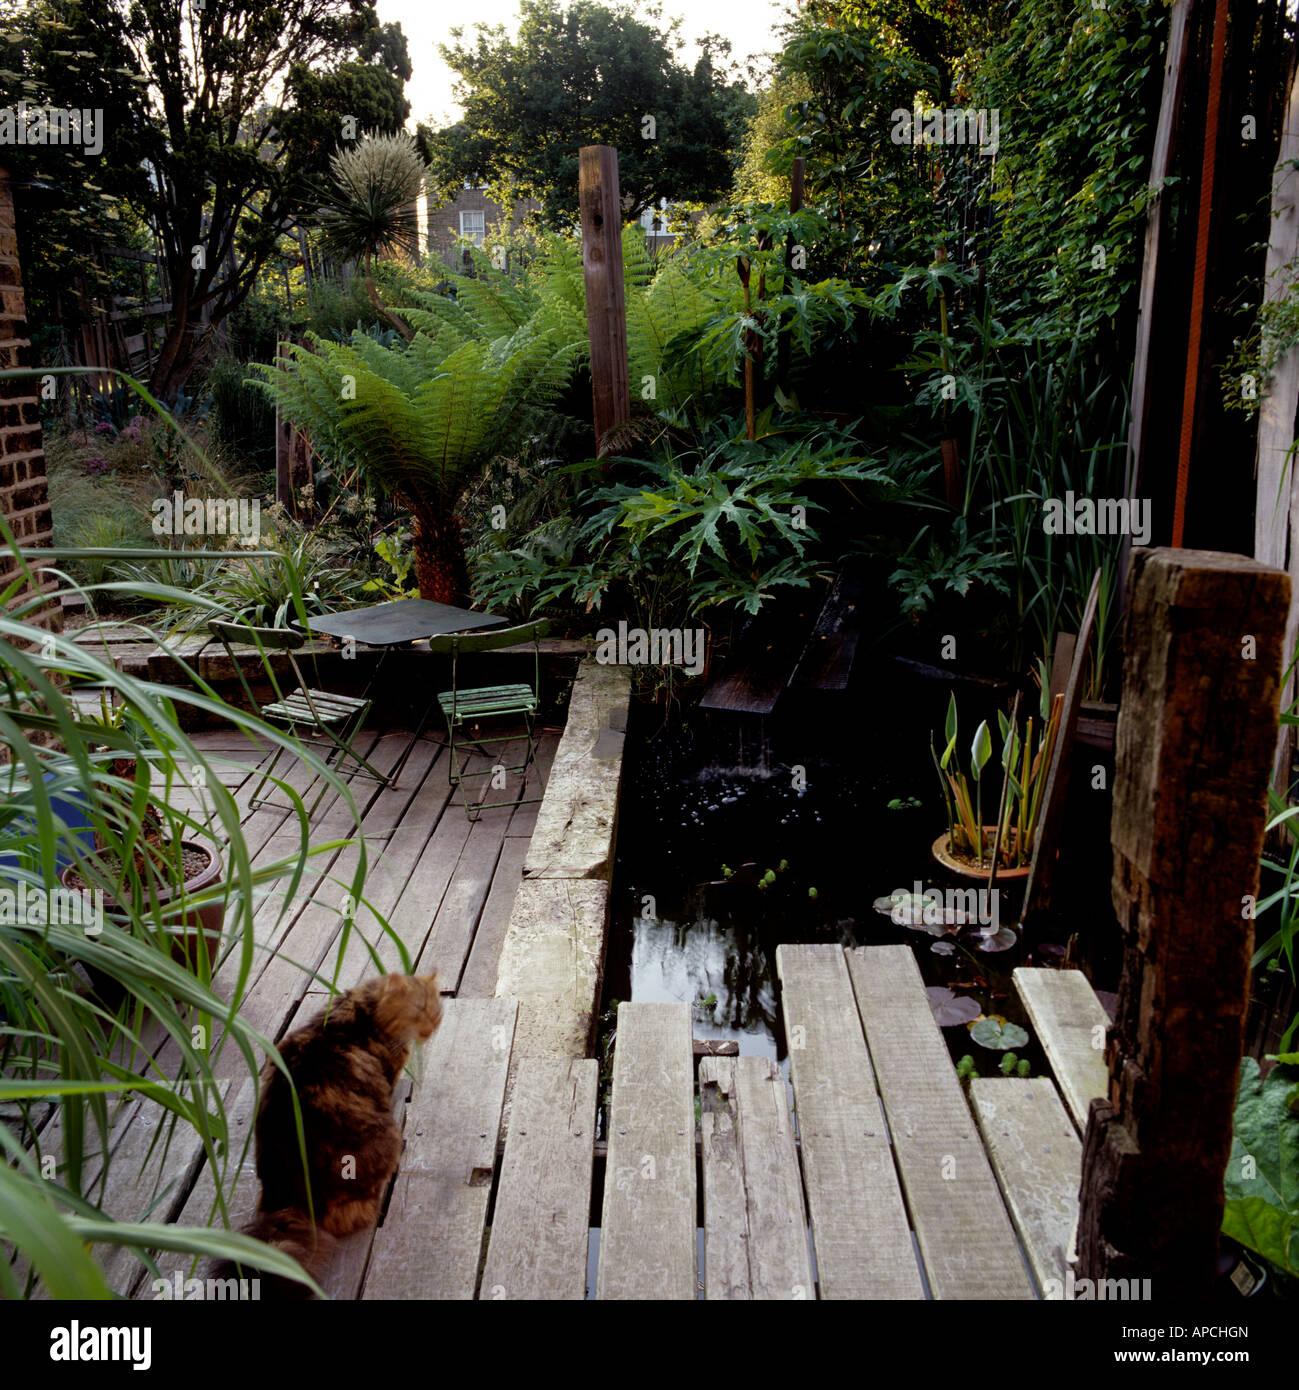 Londres Jardín Con Terraza De Madera Plantado Con Yuca Y